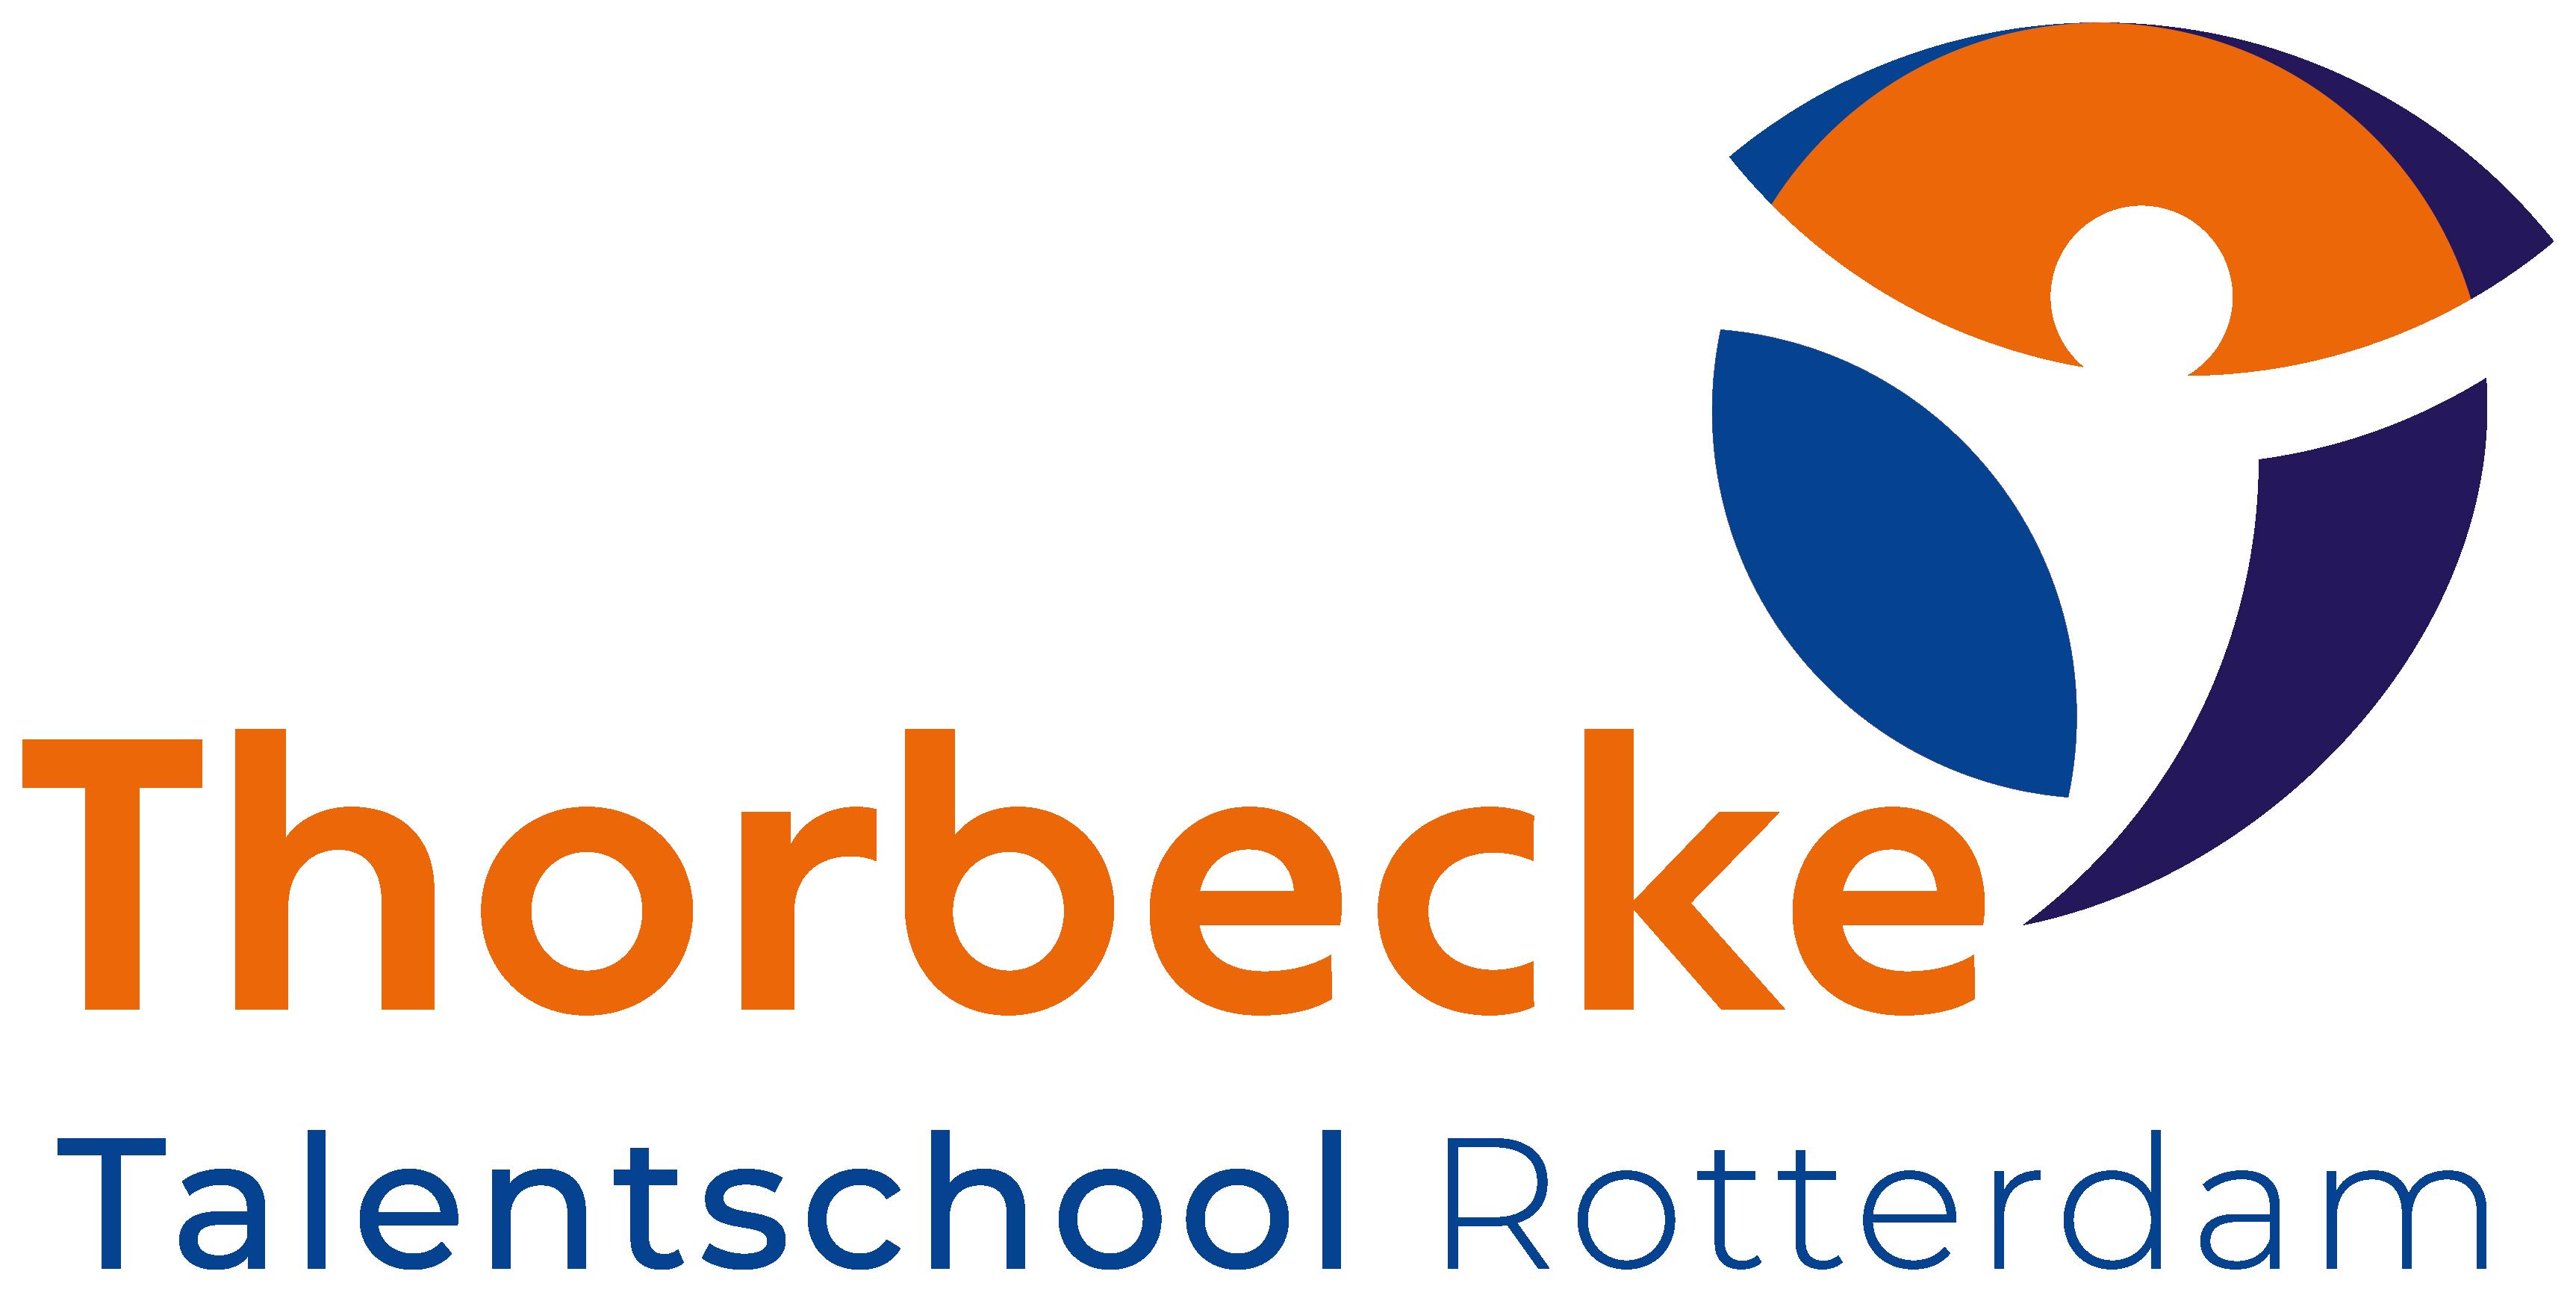 Thorbecke Voortgezet Onderwijs VWO HAVO MAVO (locatie Nieuwerkerk) logo